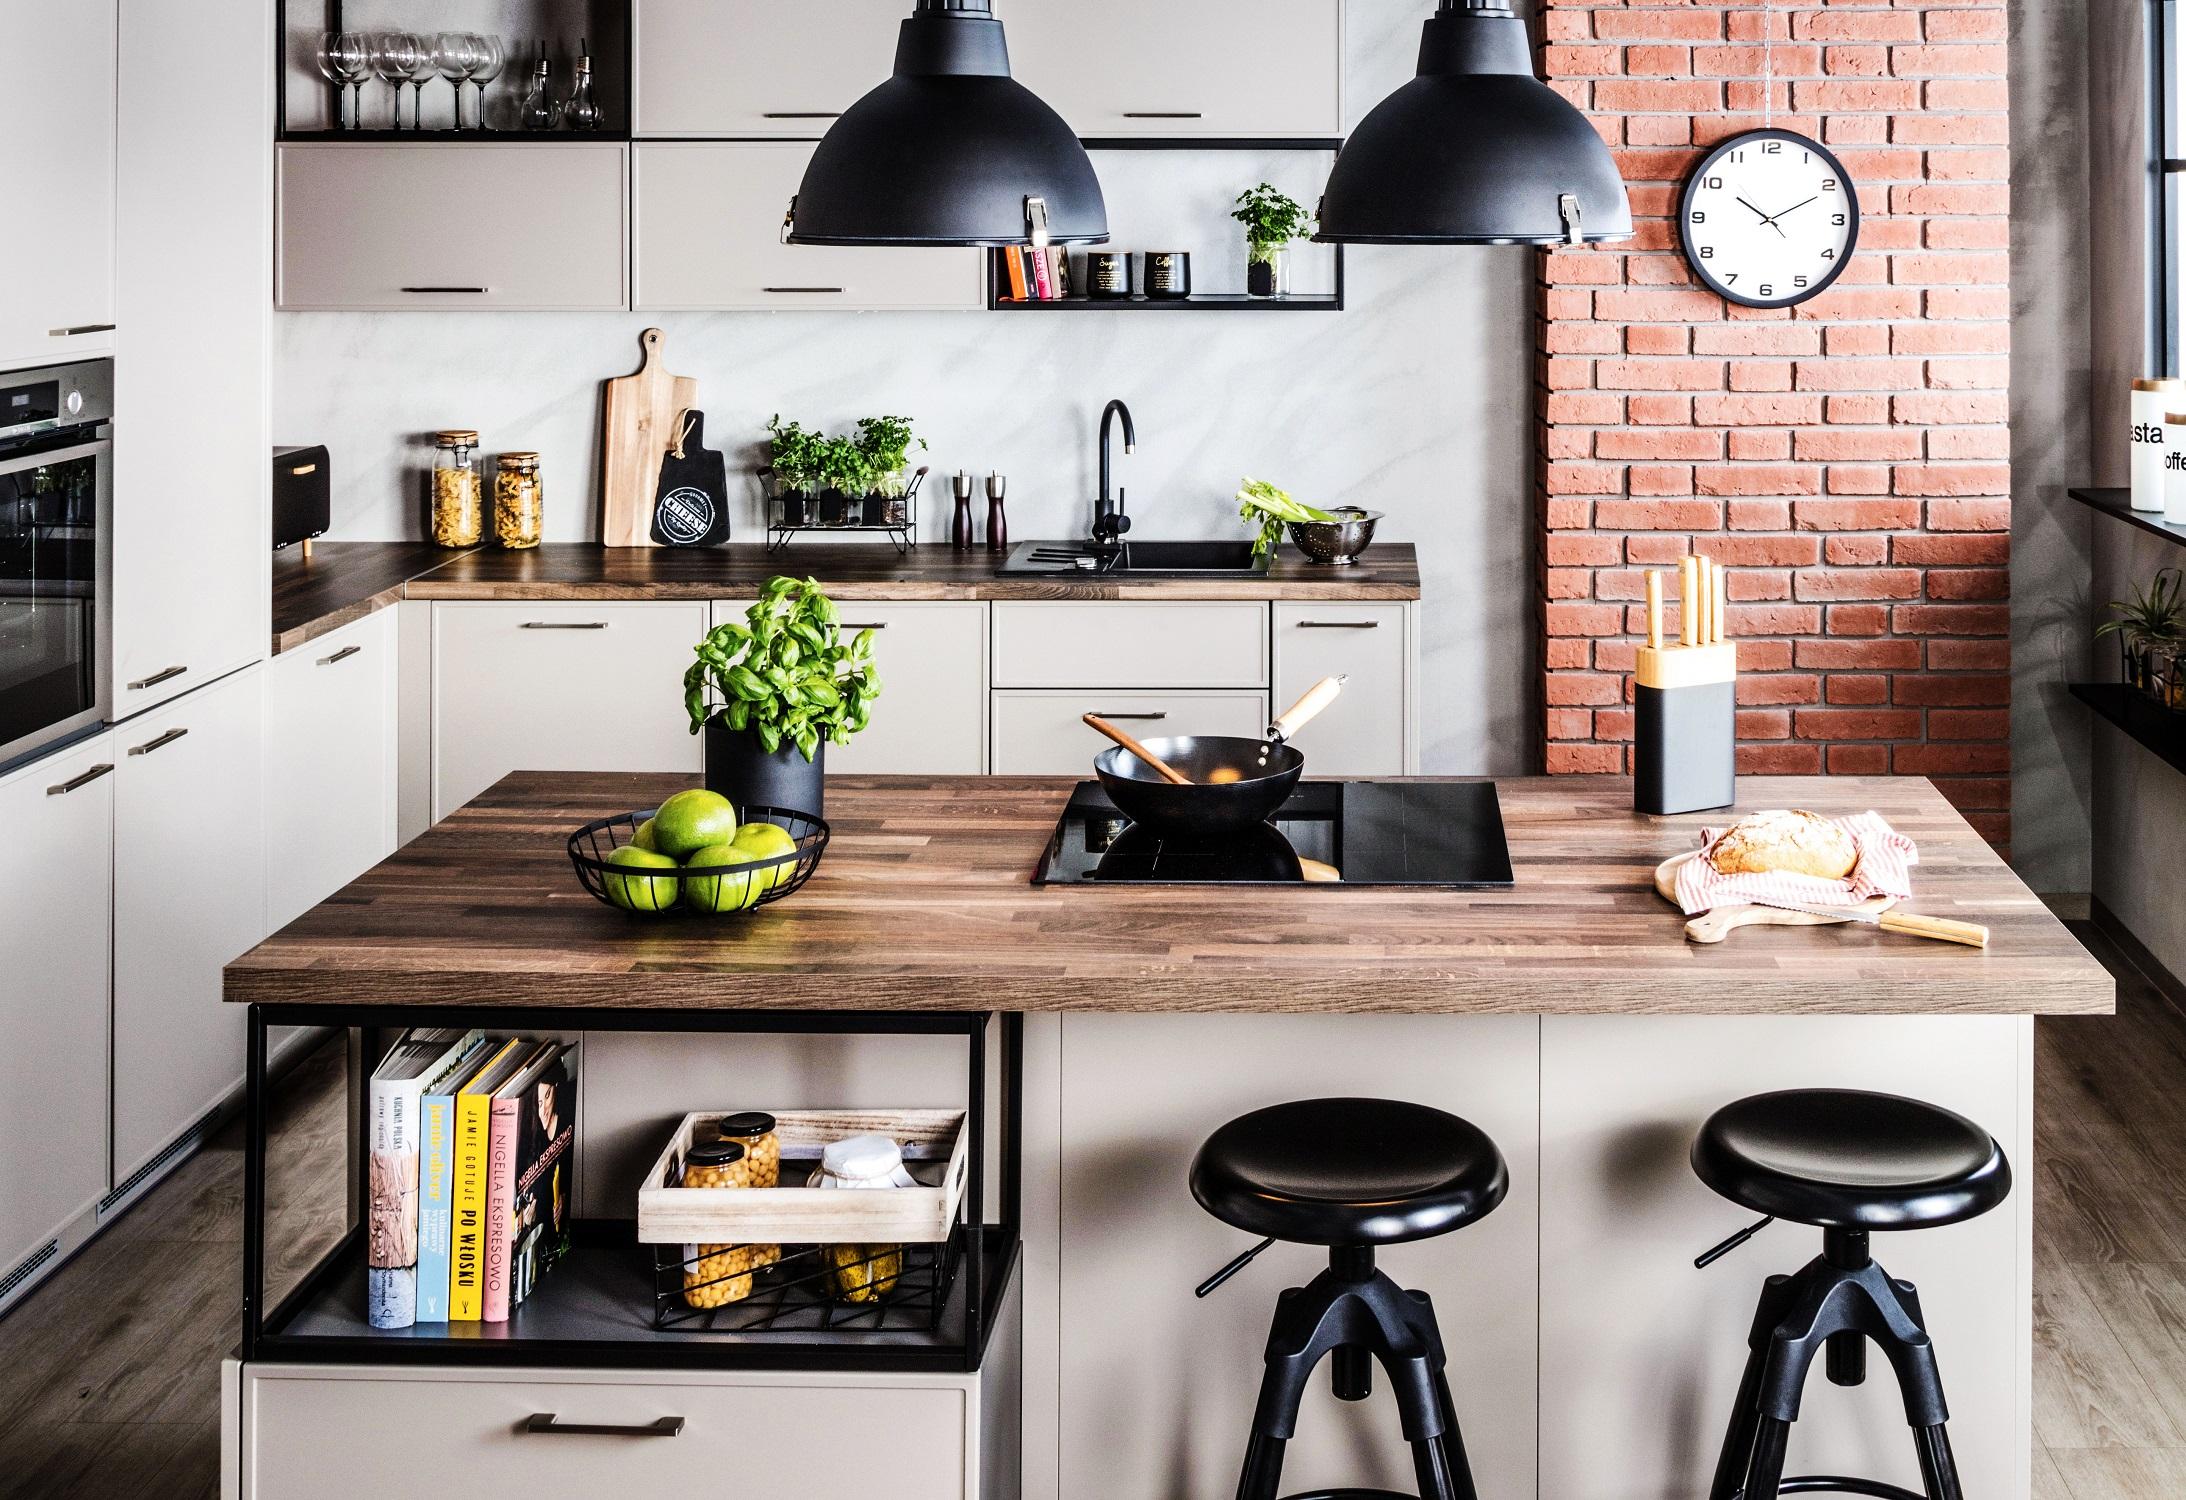 Kuchnia w stylu industrialnym – jakie blaty kuchenne są warte uwagi?